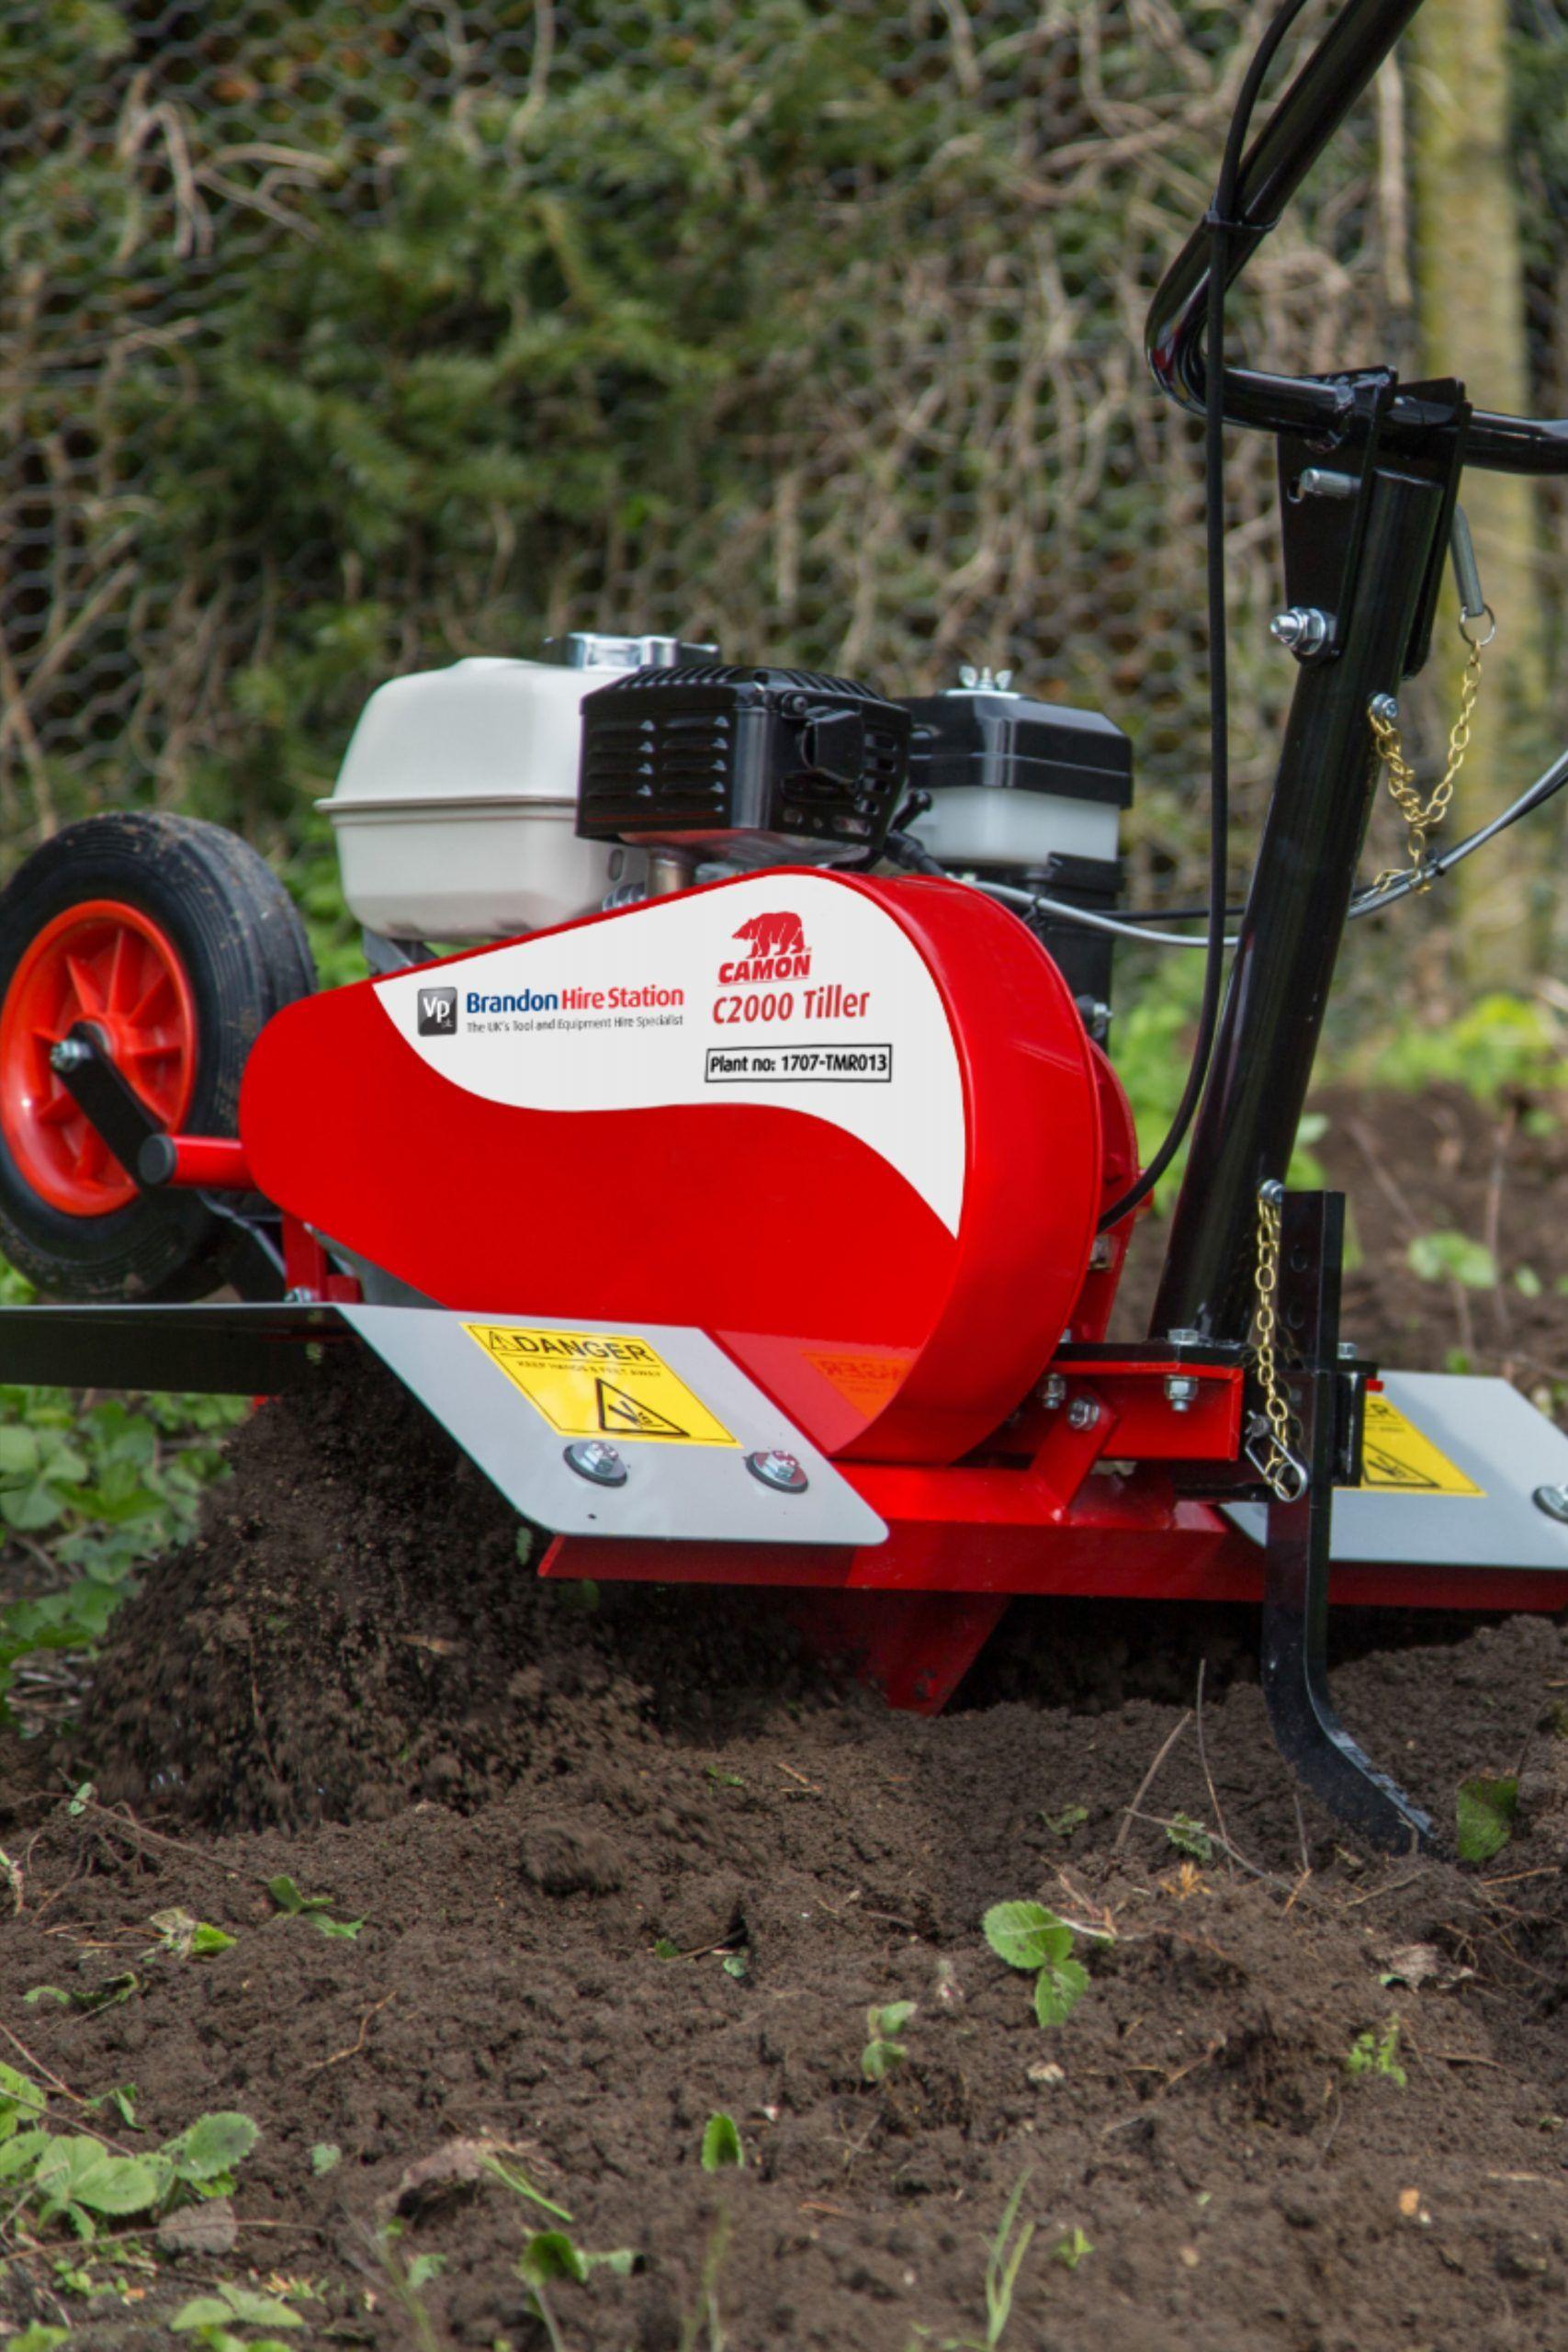 Cultivator Tiller Hire Petrol Cultivator Hire Petrol Tiller In 2020 Tiller Garden Cultivator Working Area